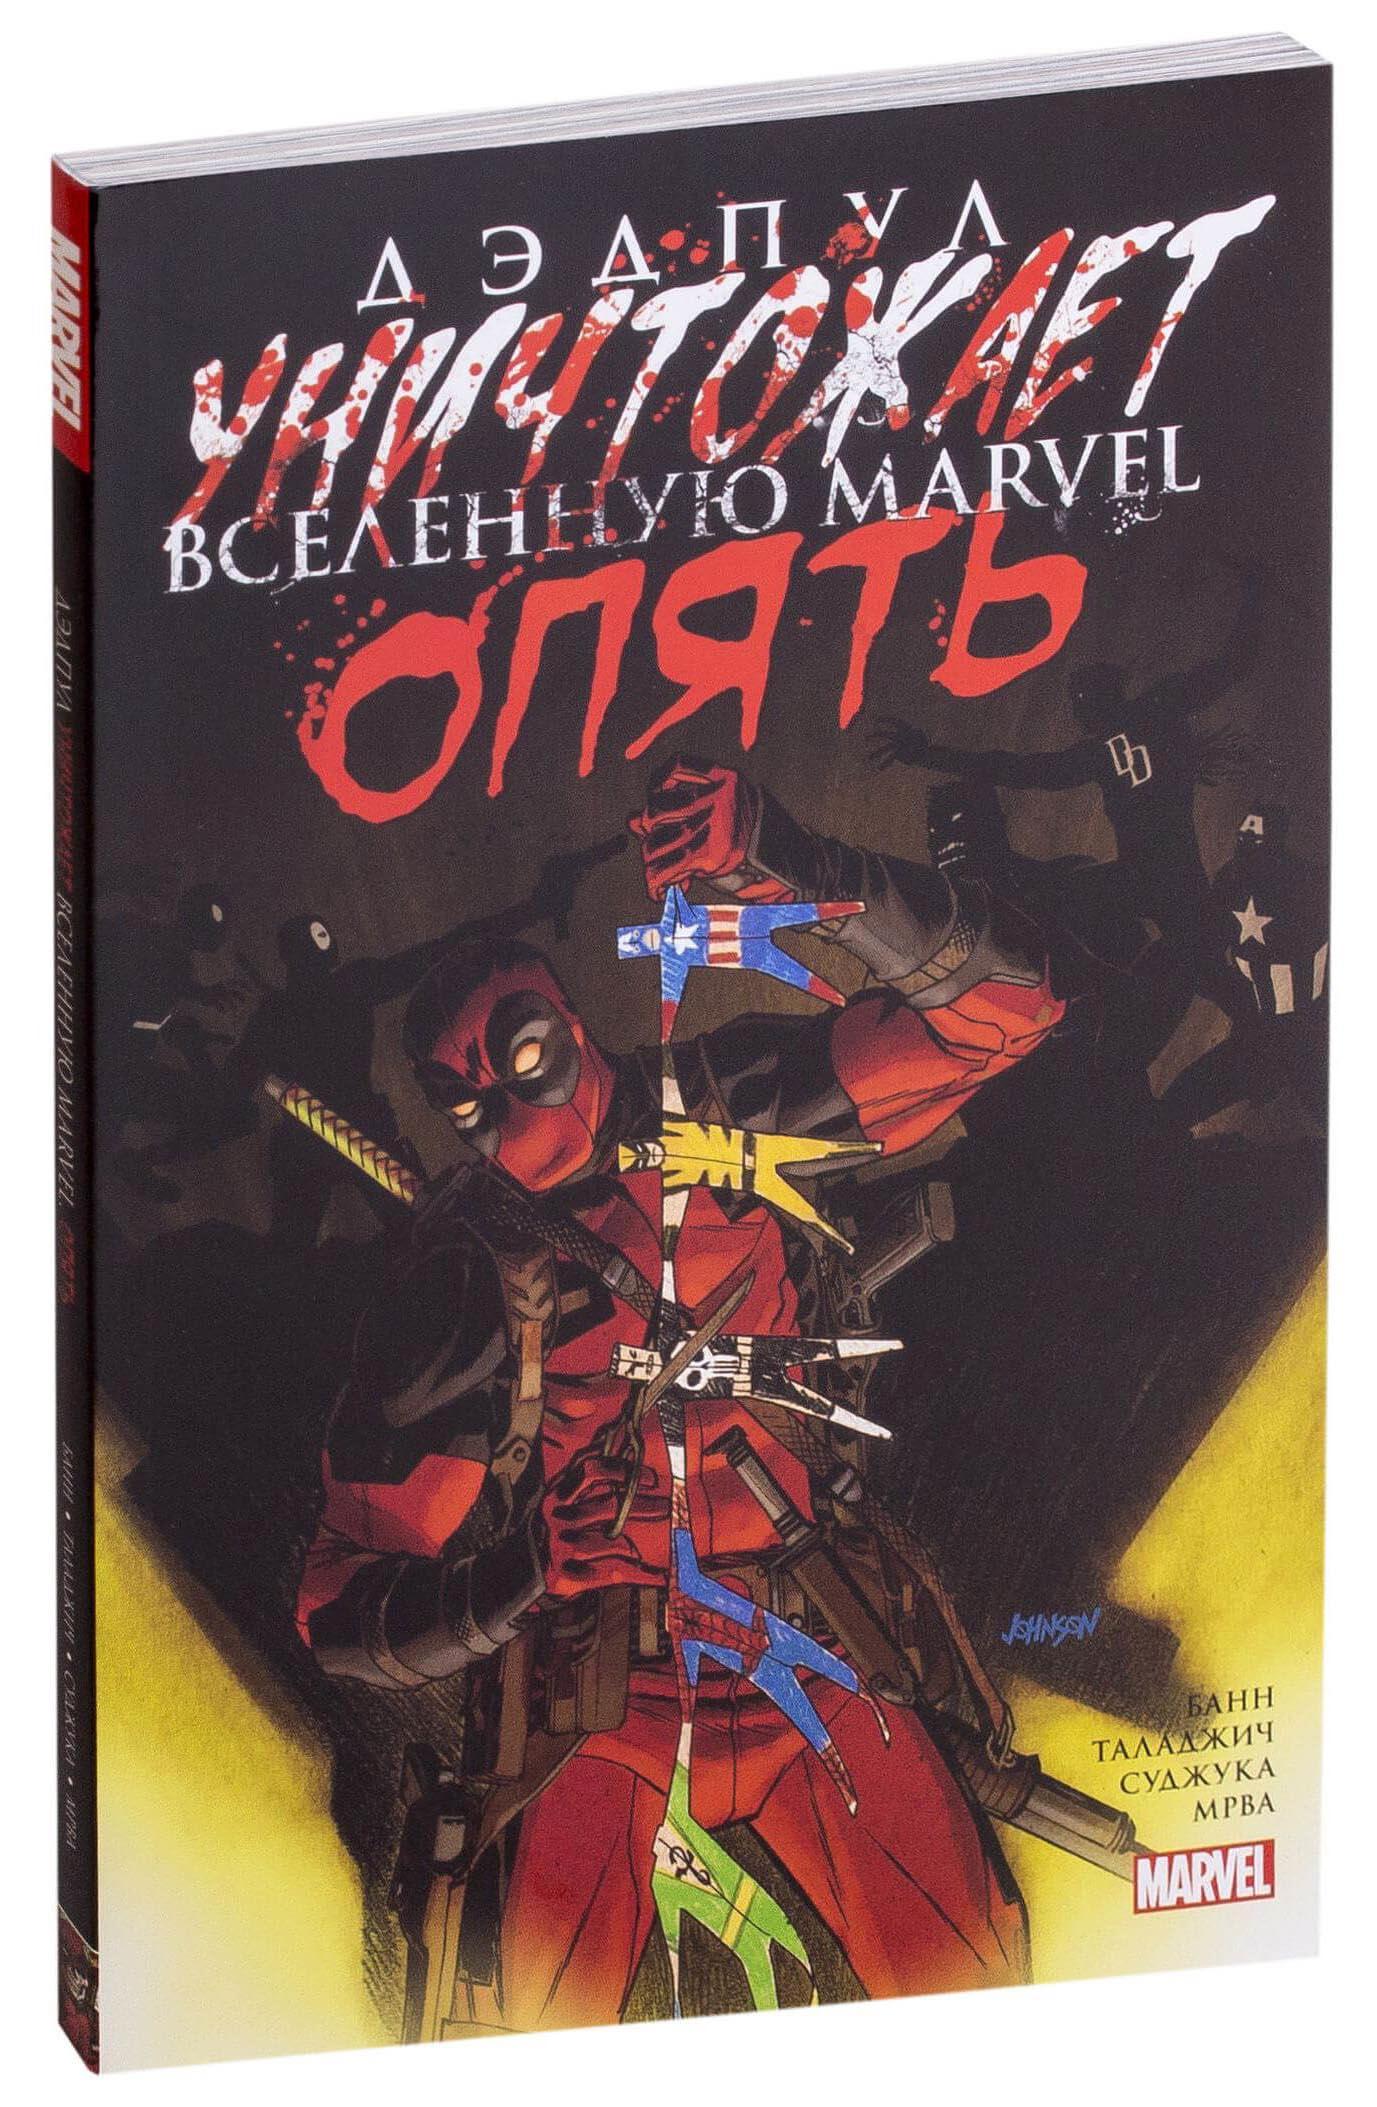 Комикс Дэдпул уничтожает вселенную Marvel, Опять фото